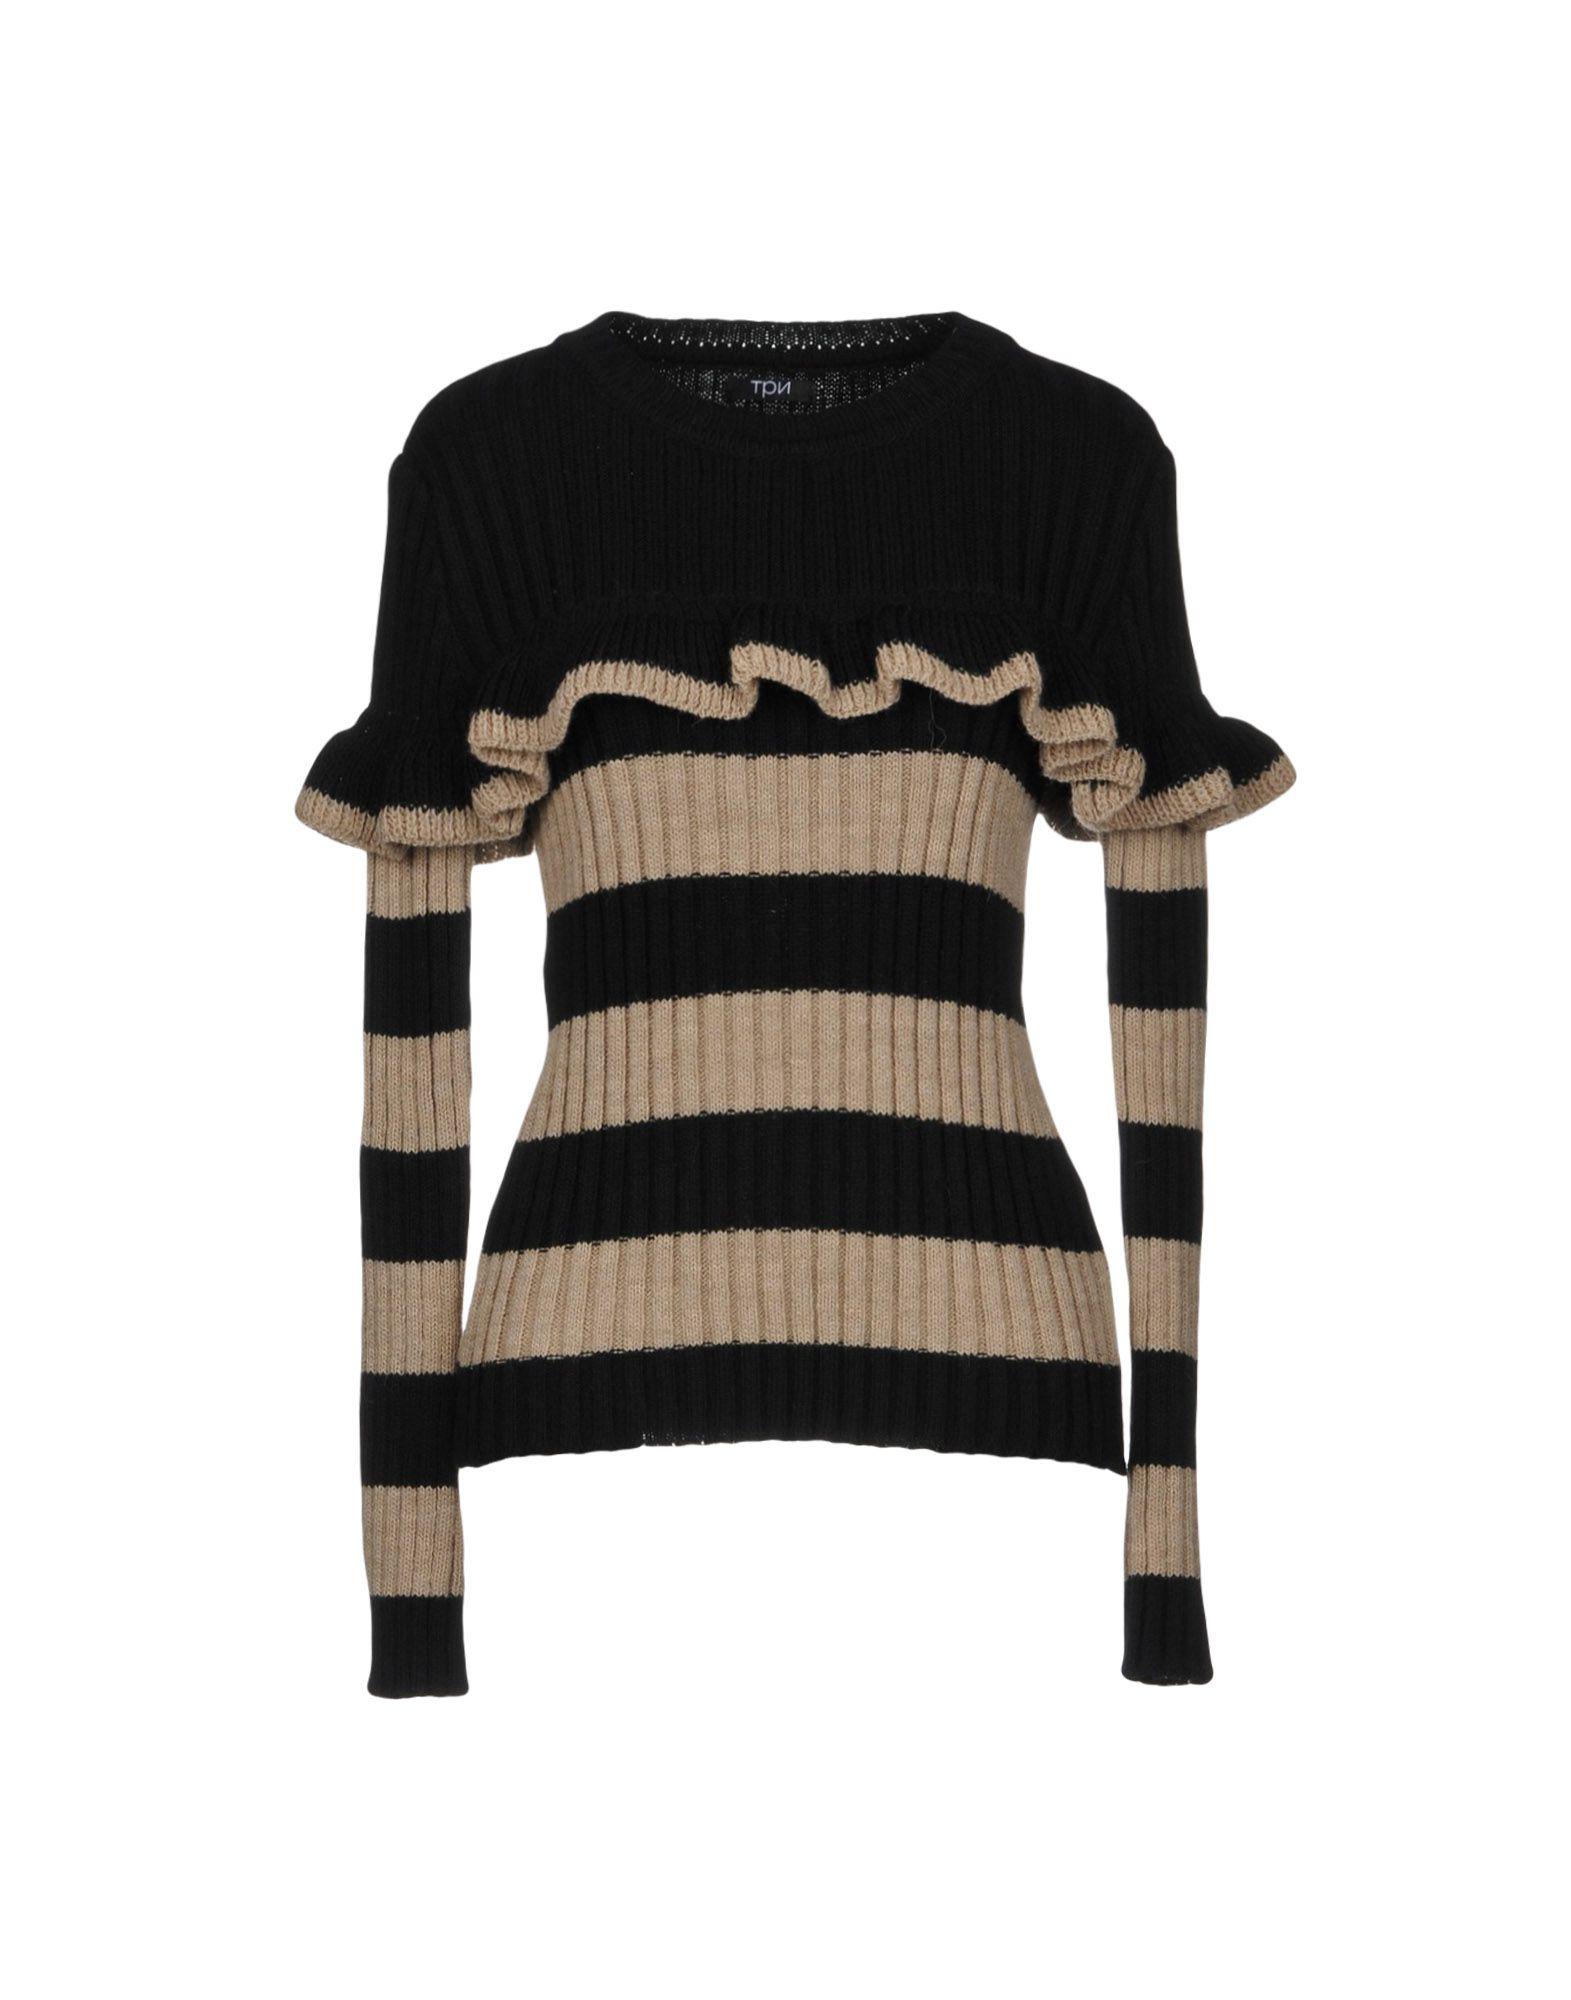 Pullover Tpn Donna - Acquista online su uNadhINSP